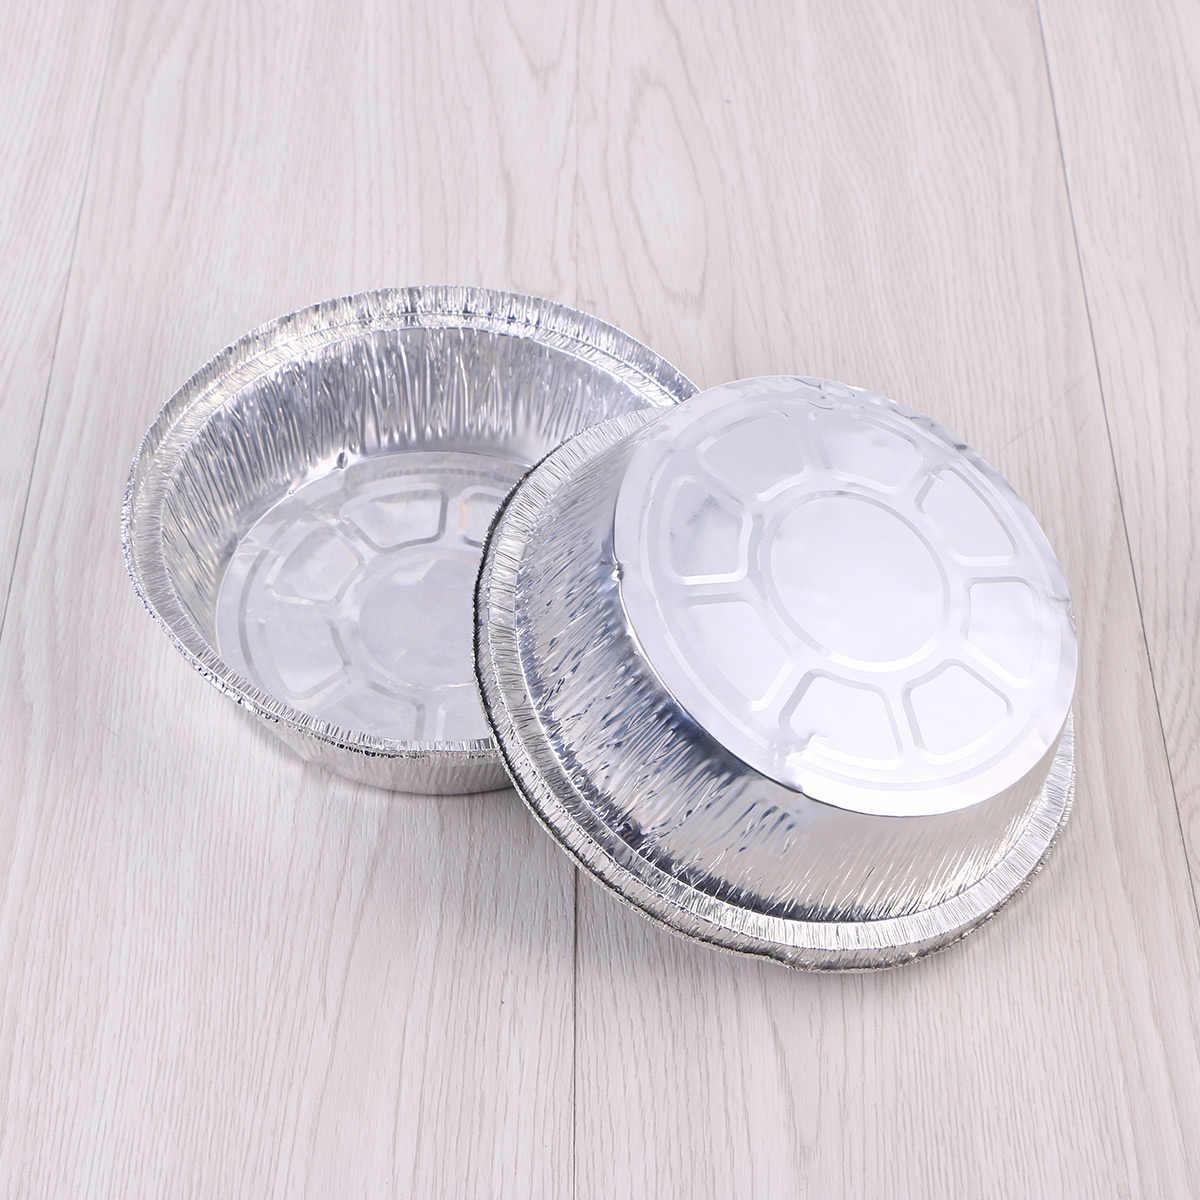 50pcs 6 אינץ עגול צורת חד פעמי עמיד רדיד אלומיניום צלחת להוציא מחבתות אידיאלי עבור ארוחות Prep, עוגות, עוגות, בשרים (אין מכסים)